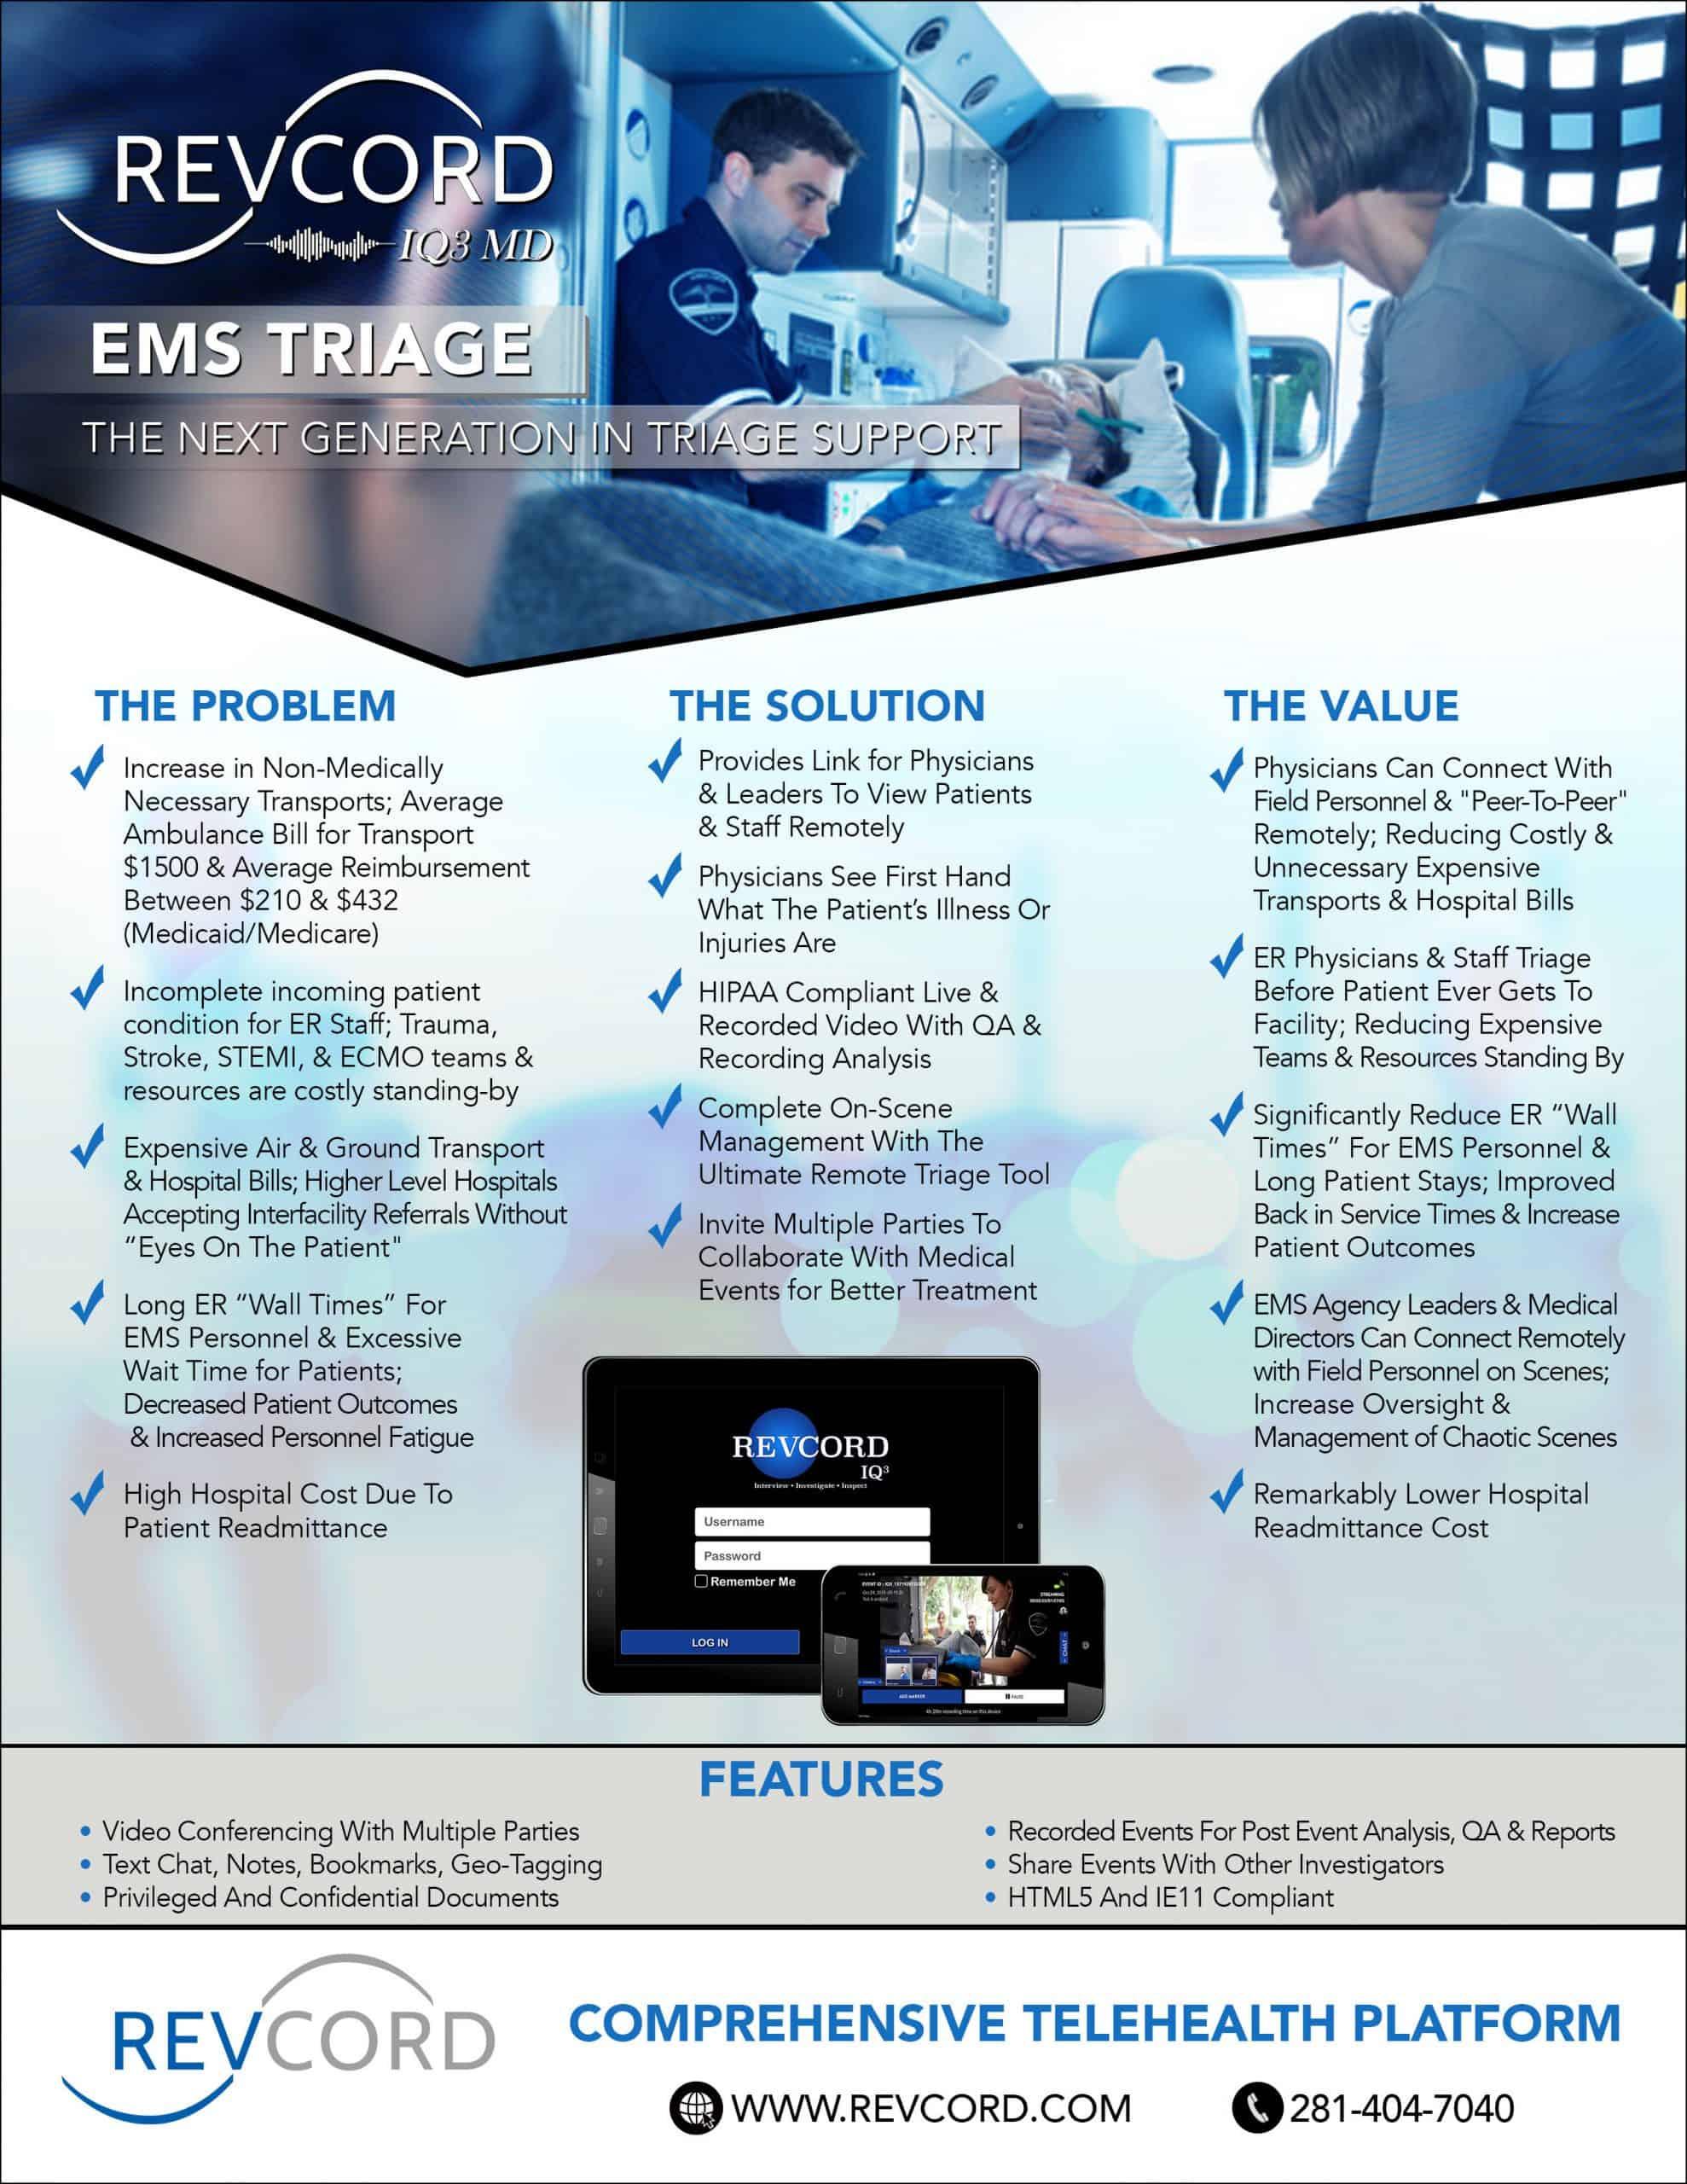 IQ3 MD EMS Triage